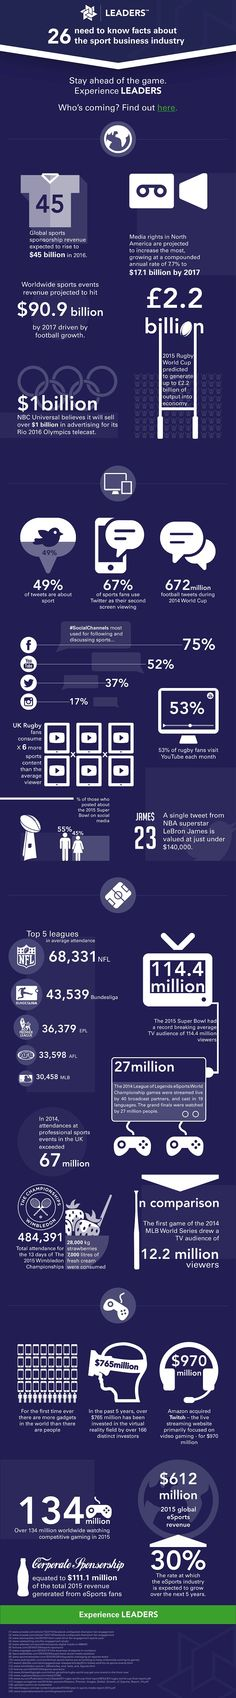 [INFOGRÁFICO] 26 datos sobre el negocio del deporte #digisport #smsports #sportbiz